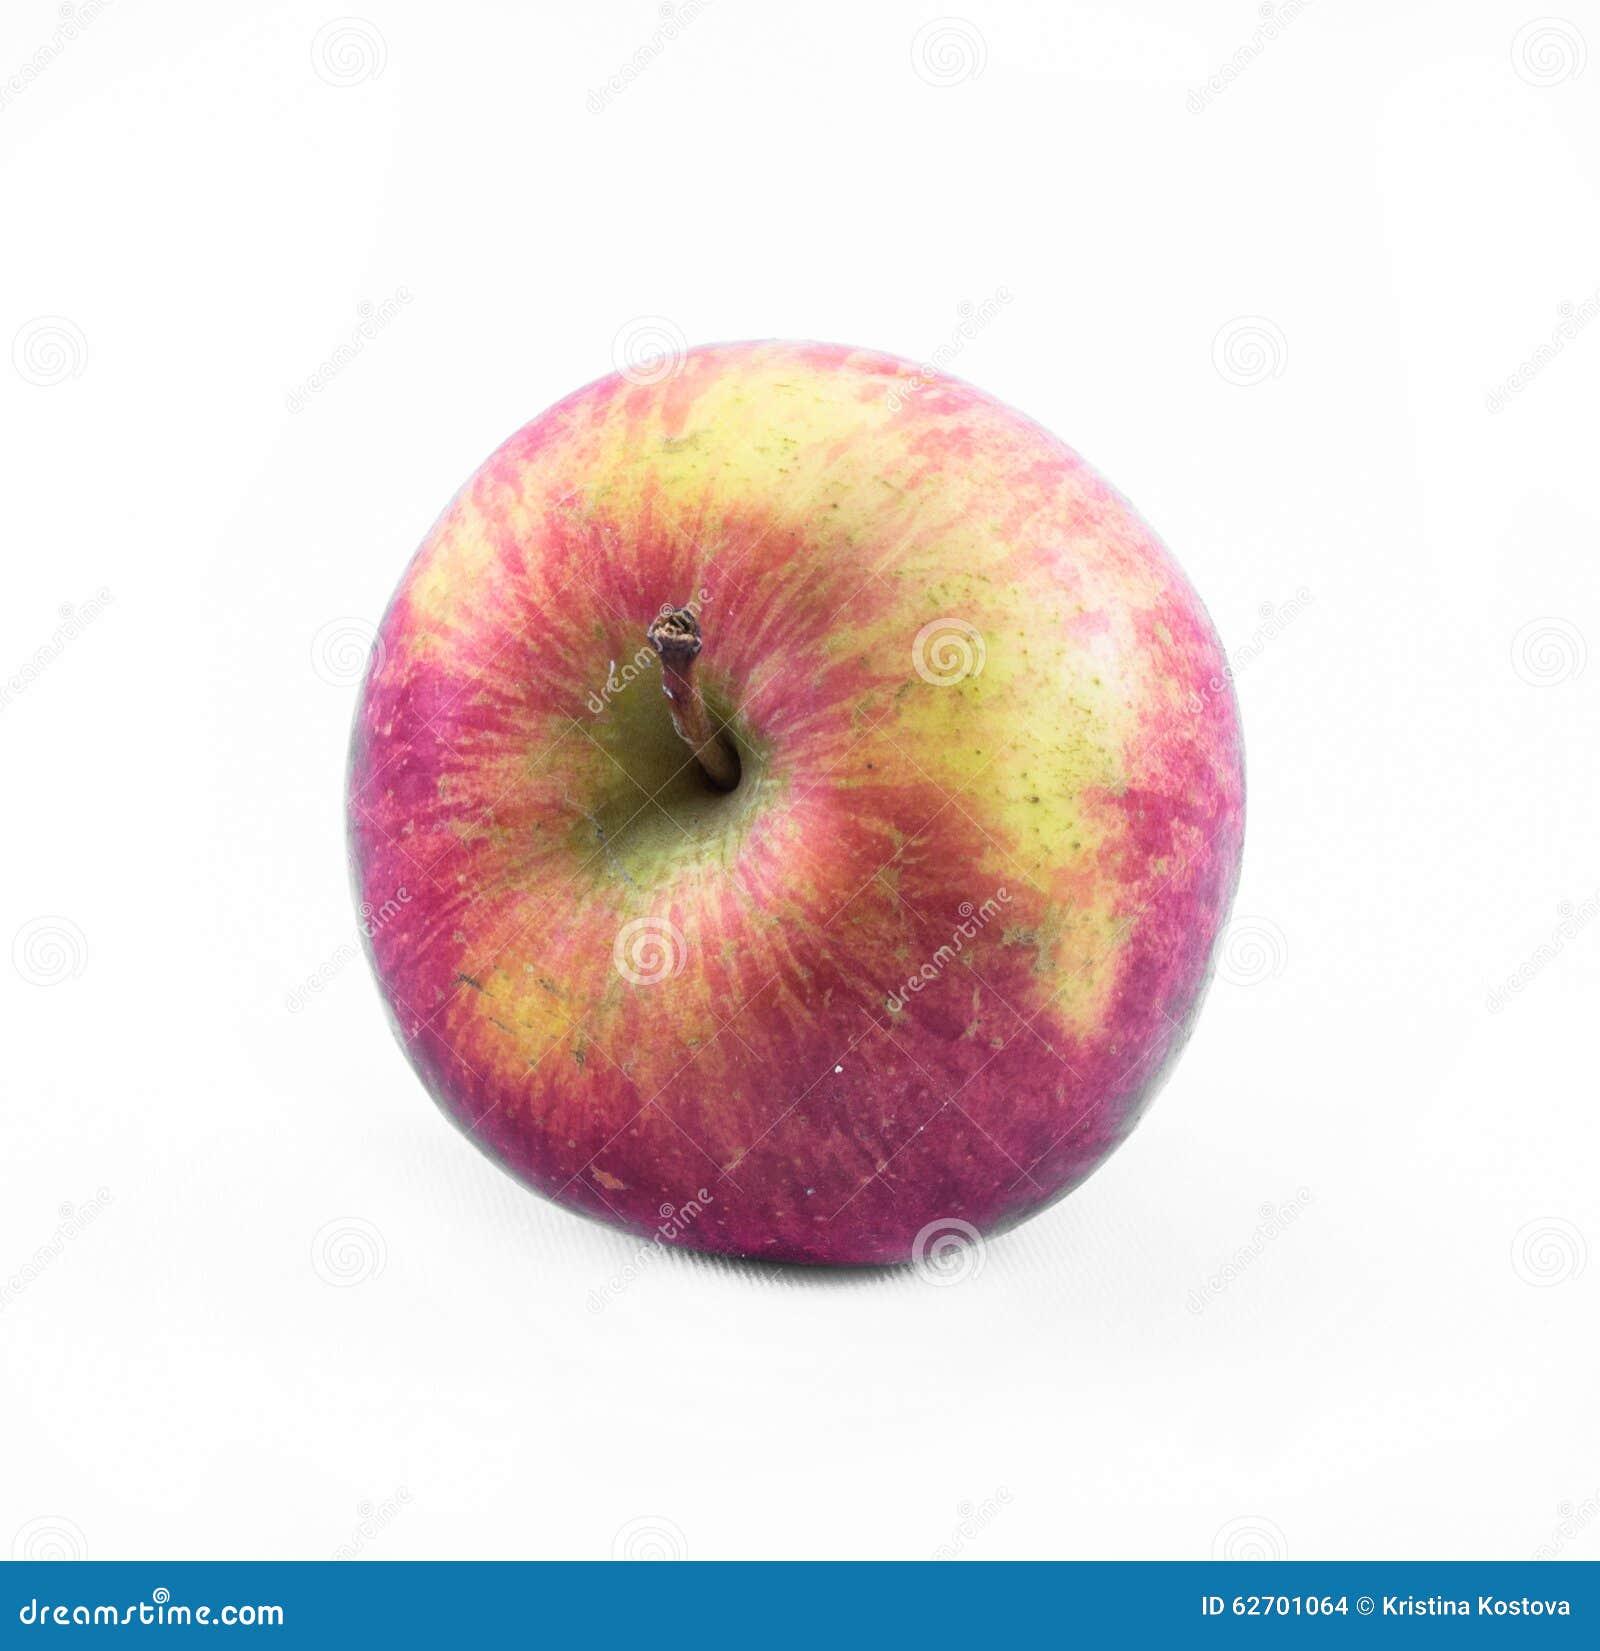 Κόκκινη - κίτρινο μήλο σε ένα άσπρο υπόβαθρο - πλάγια όψη